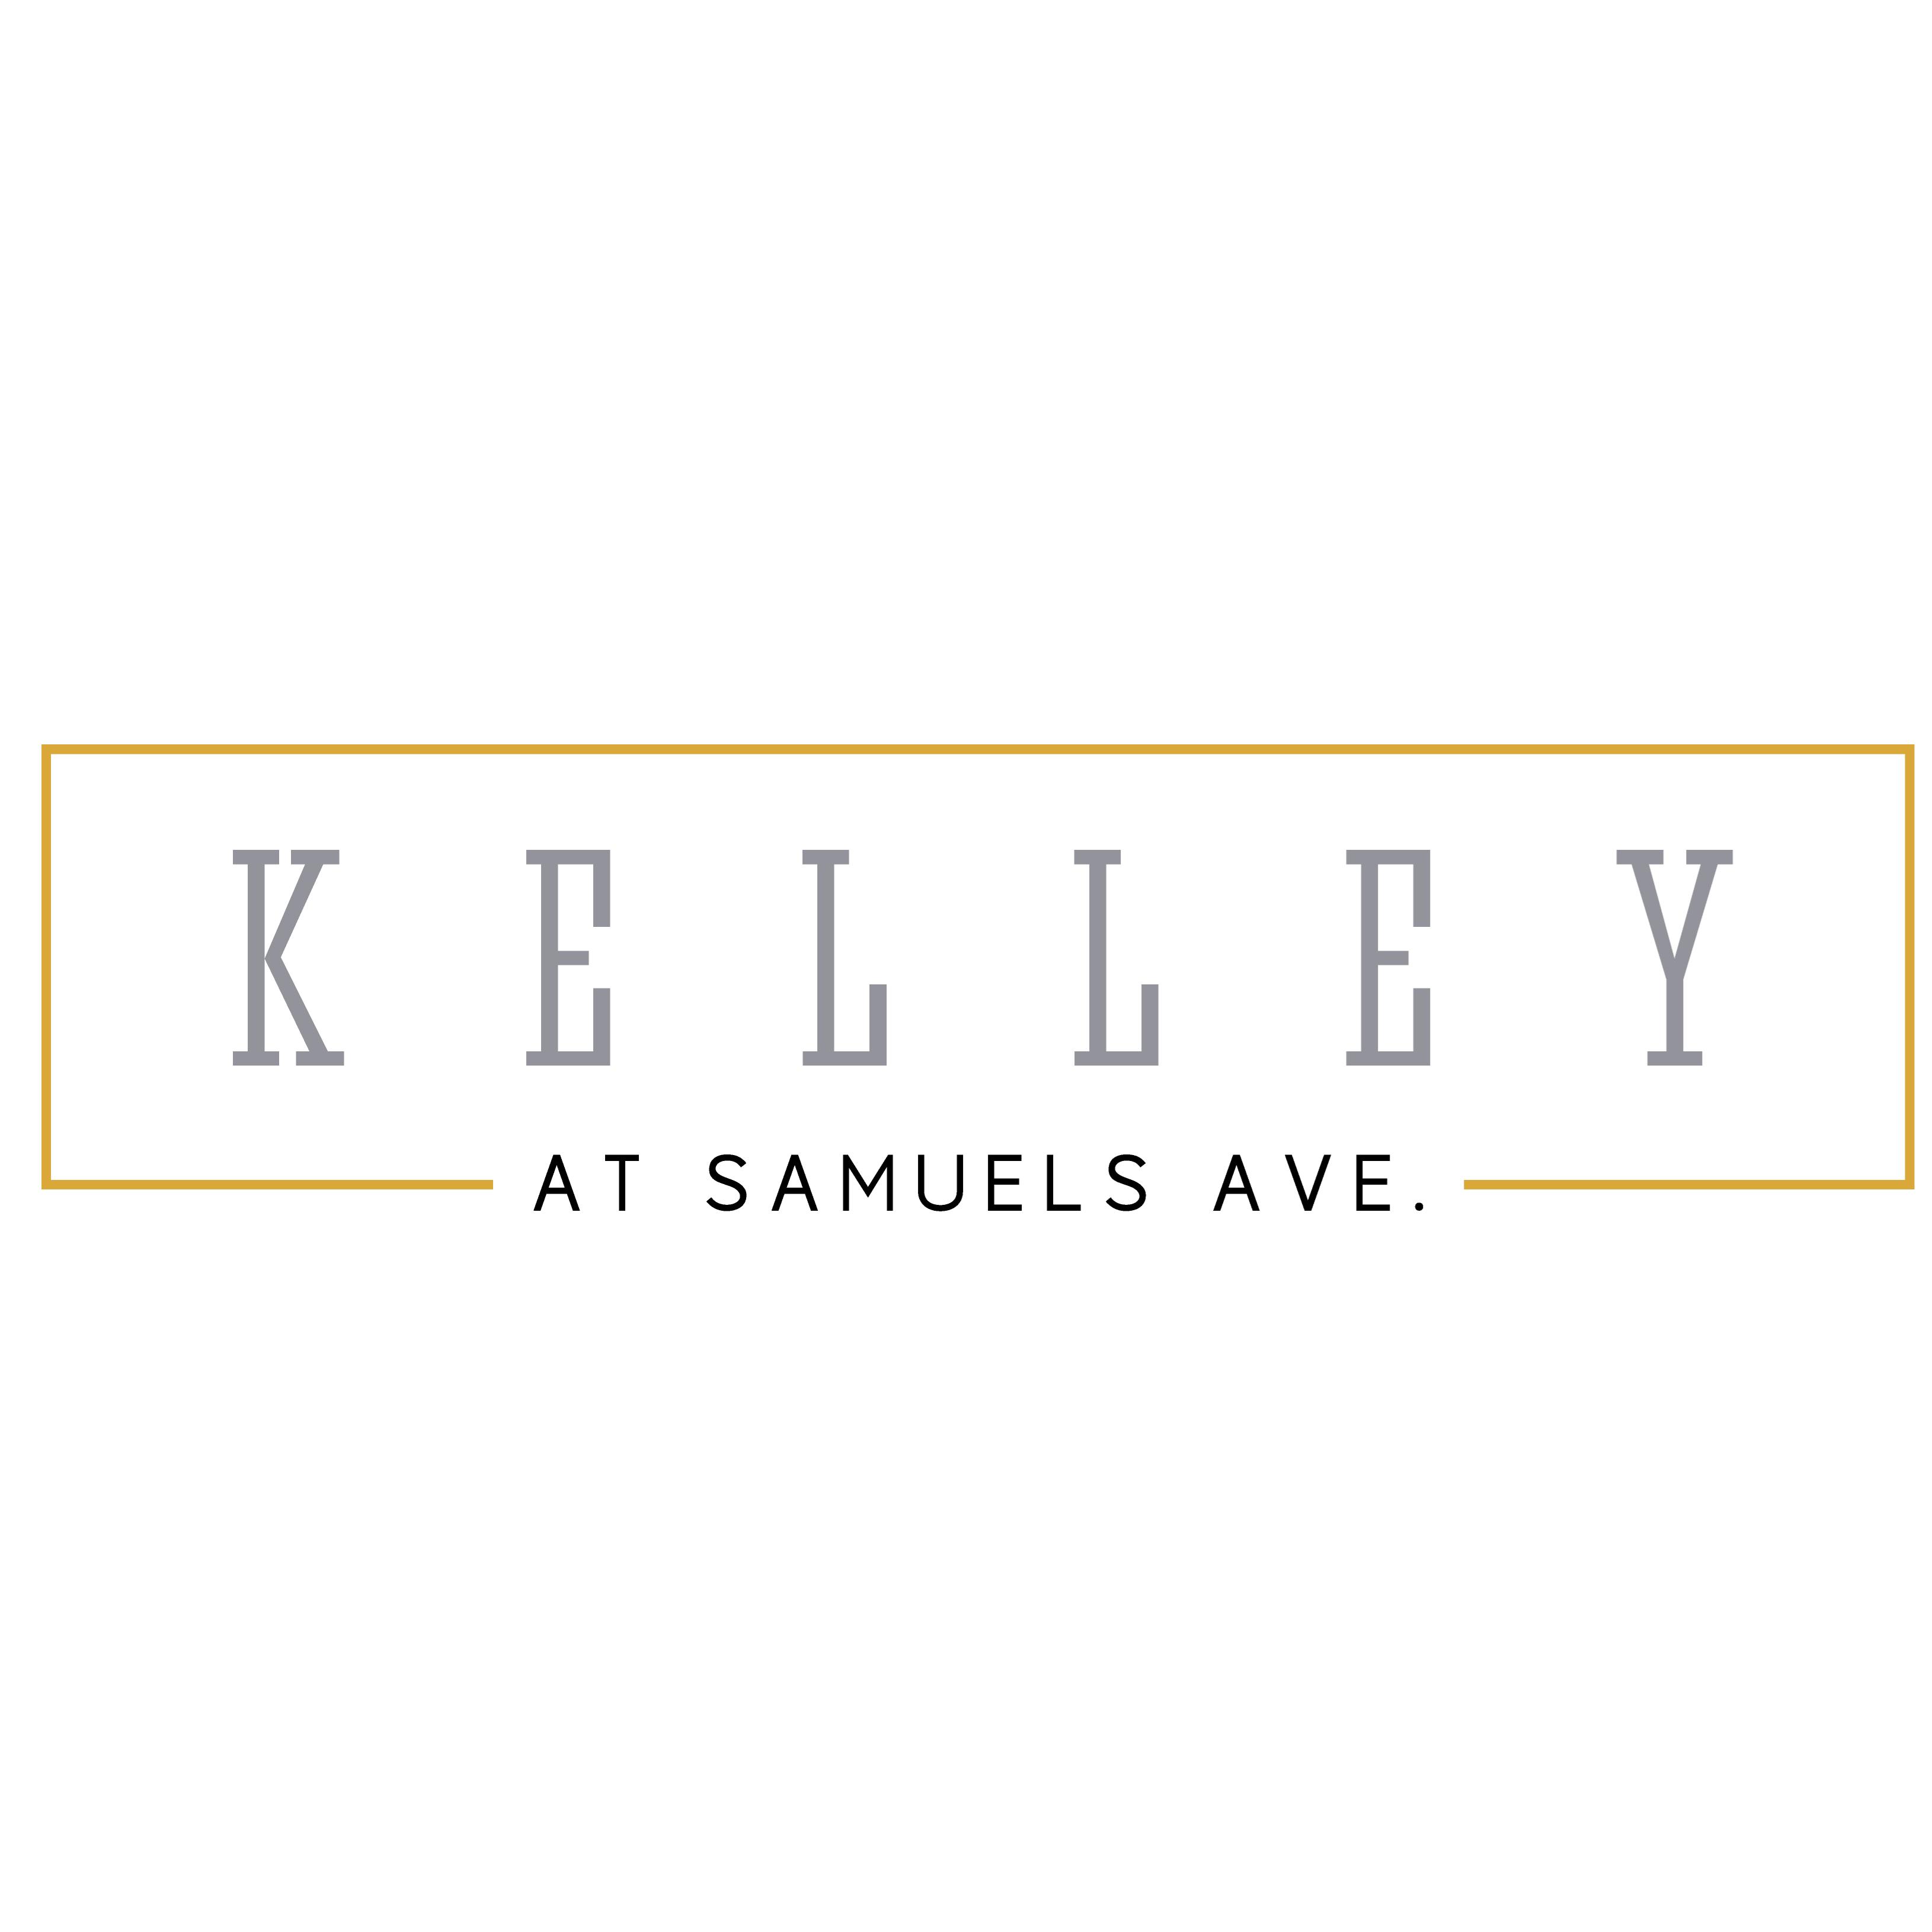 Kelley at Samuels Ave